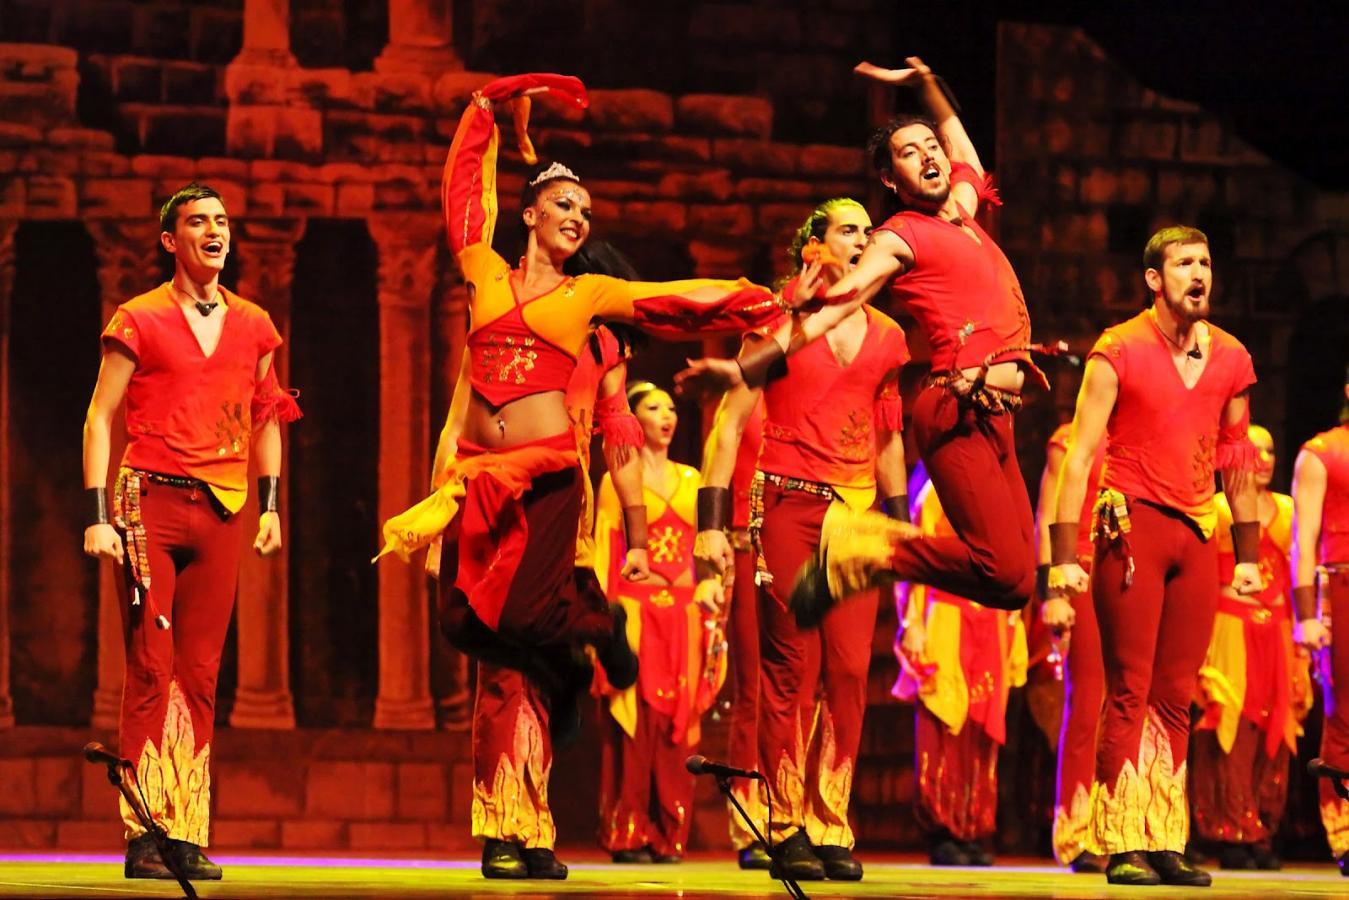 Танцевальное шоу «Огни Анатолии» в Турции http://travelcalendar.ru/wp-content/uploads/2015/05/r430.jpg